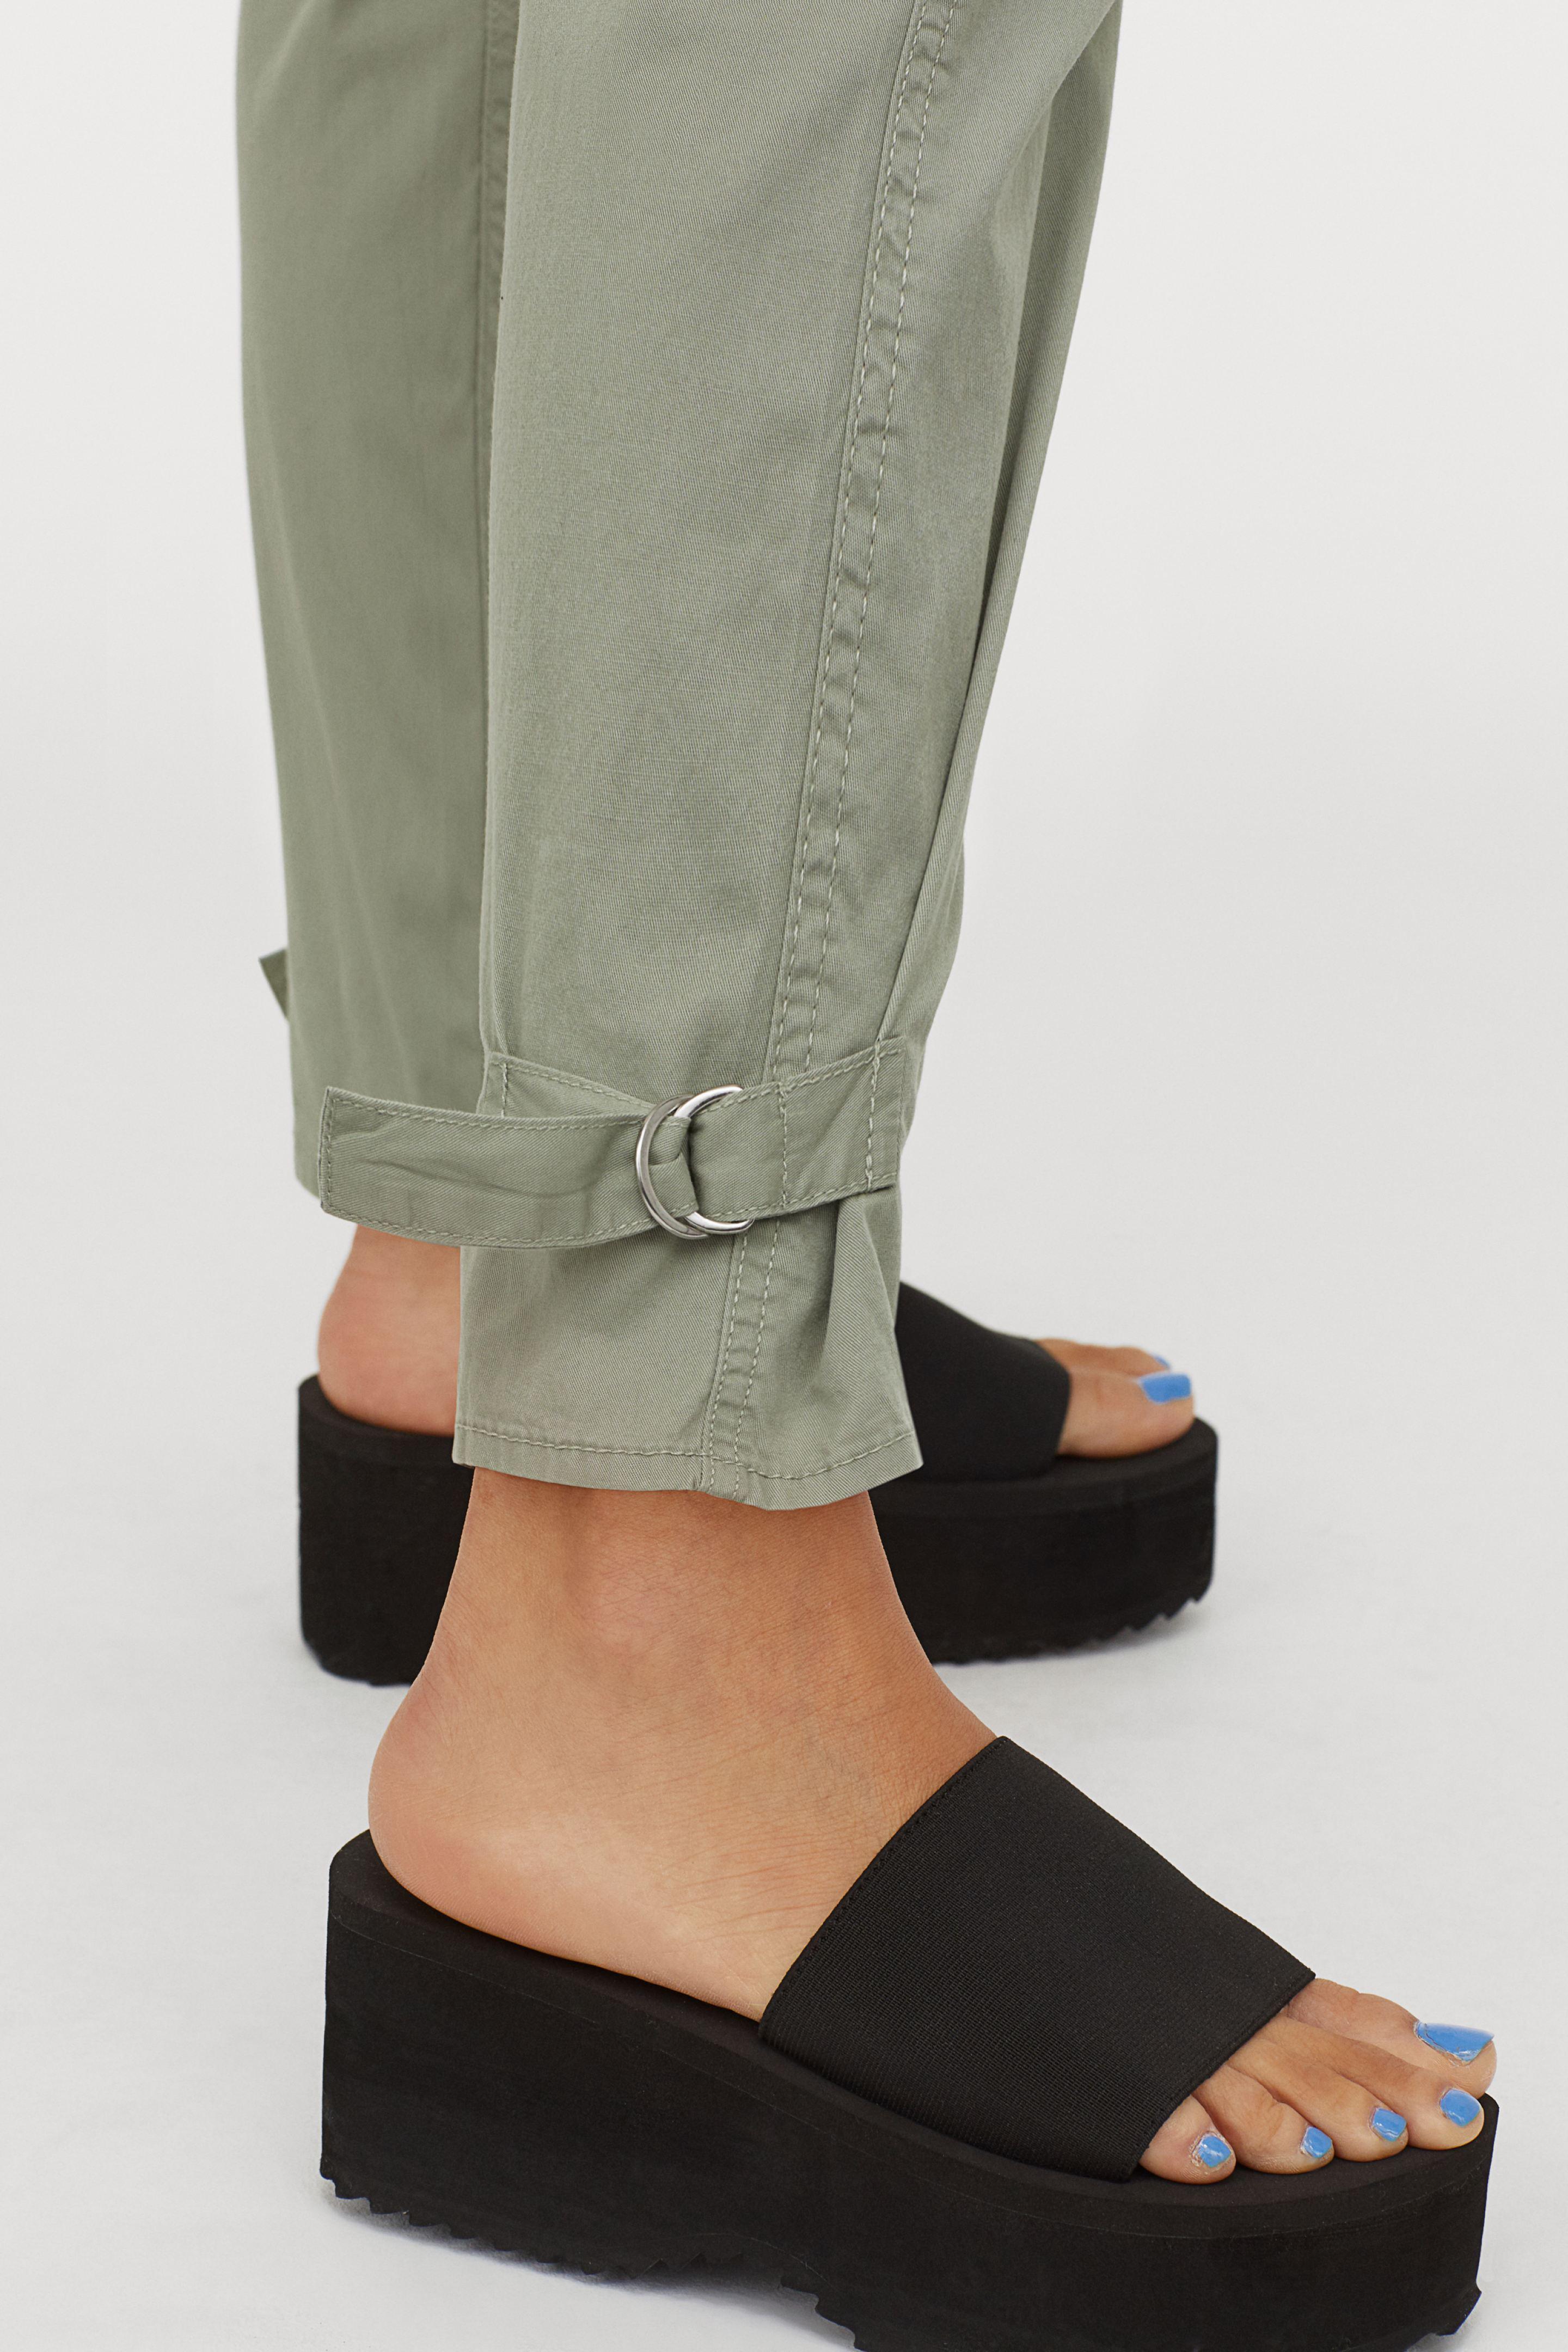 """¿Eres de las que prefiere que el zapato te eleve del piso?  Pues para ti son las """"flatforms"""", una opción que te ofrece altura sin sacrificar la comodidad. (WGSN)"""